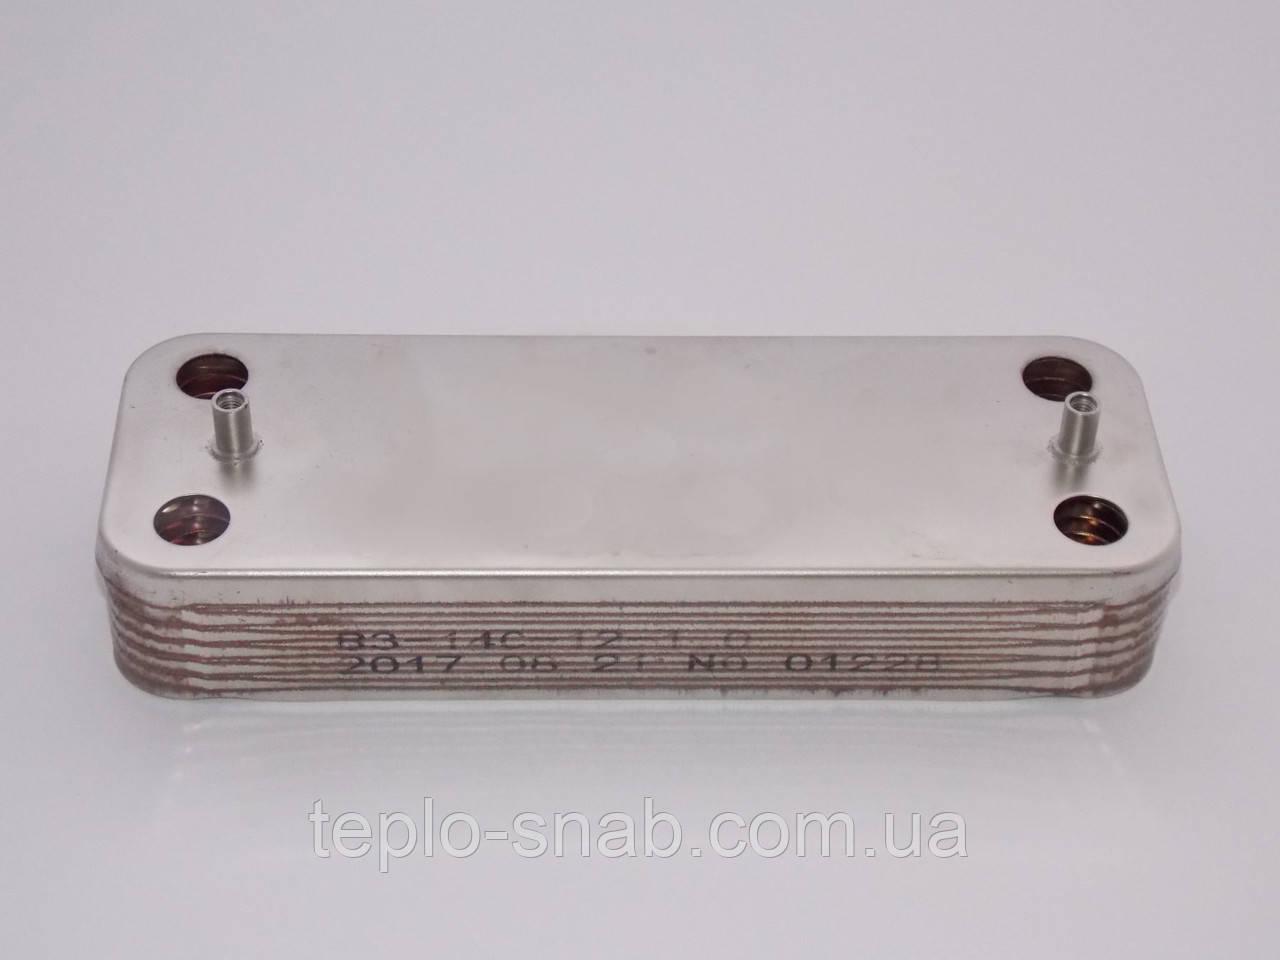 Вторинний теплообмінник Protherm Tigr 24 kw. 12 пл. 0020025294